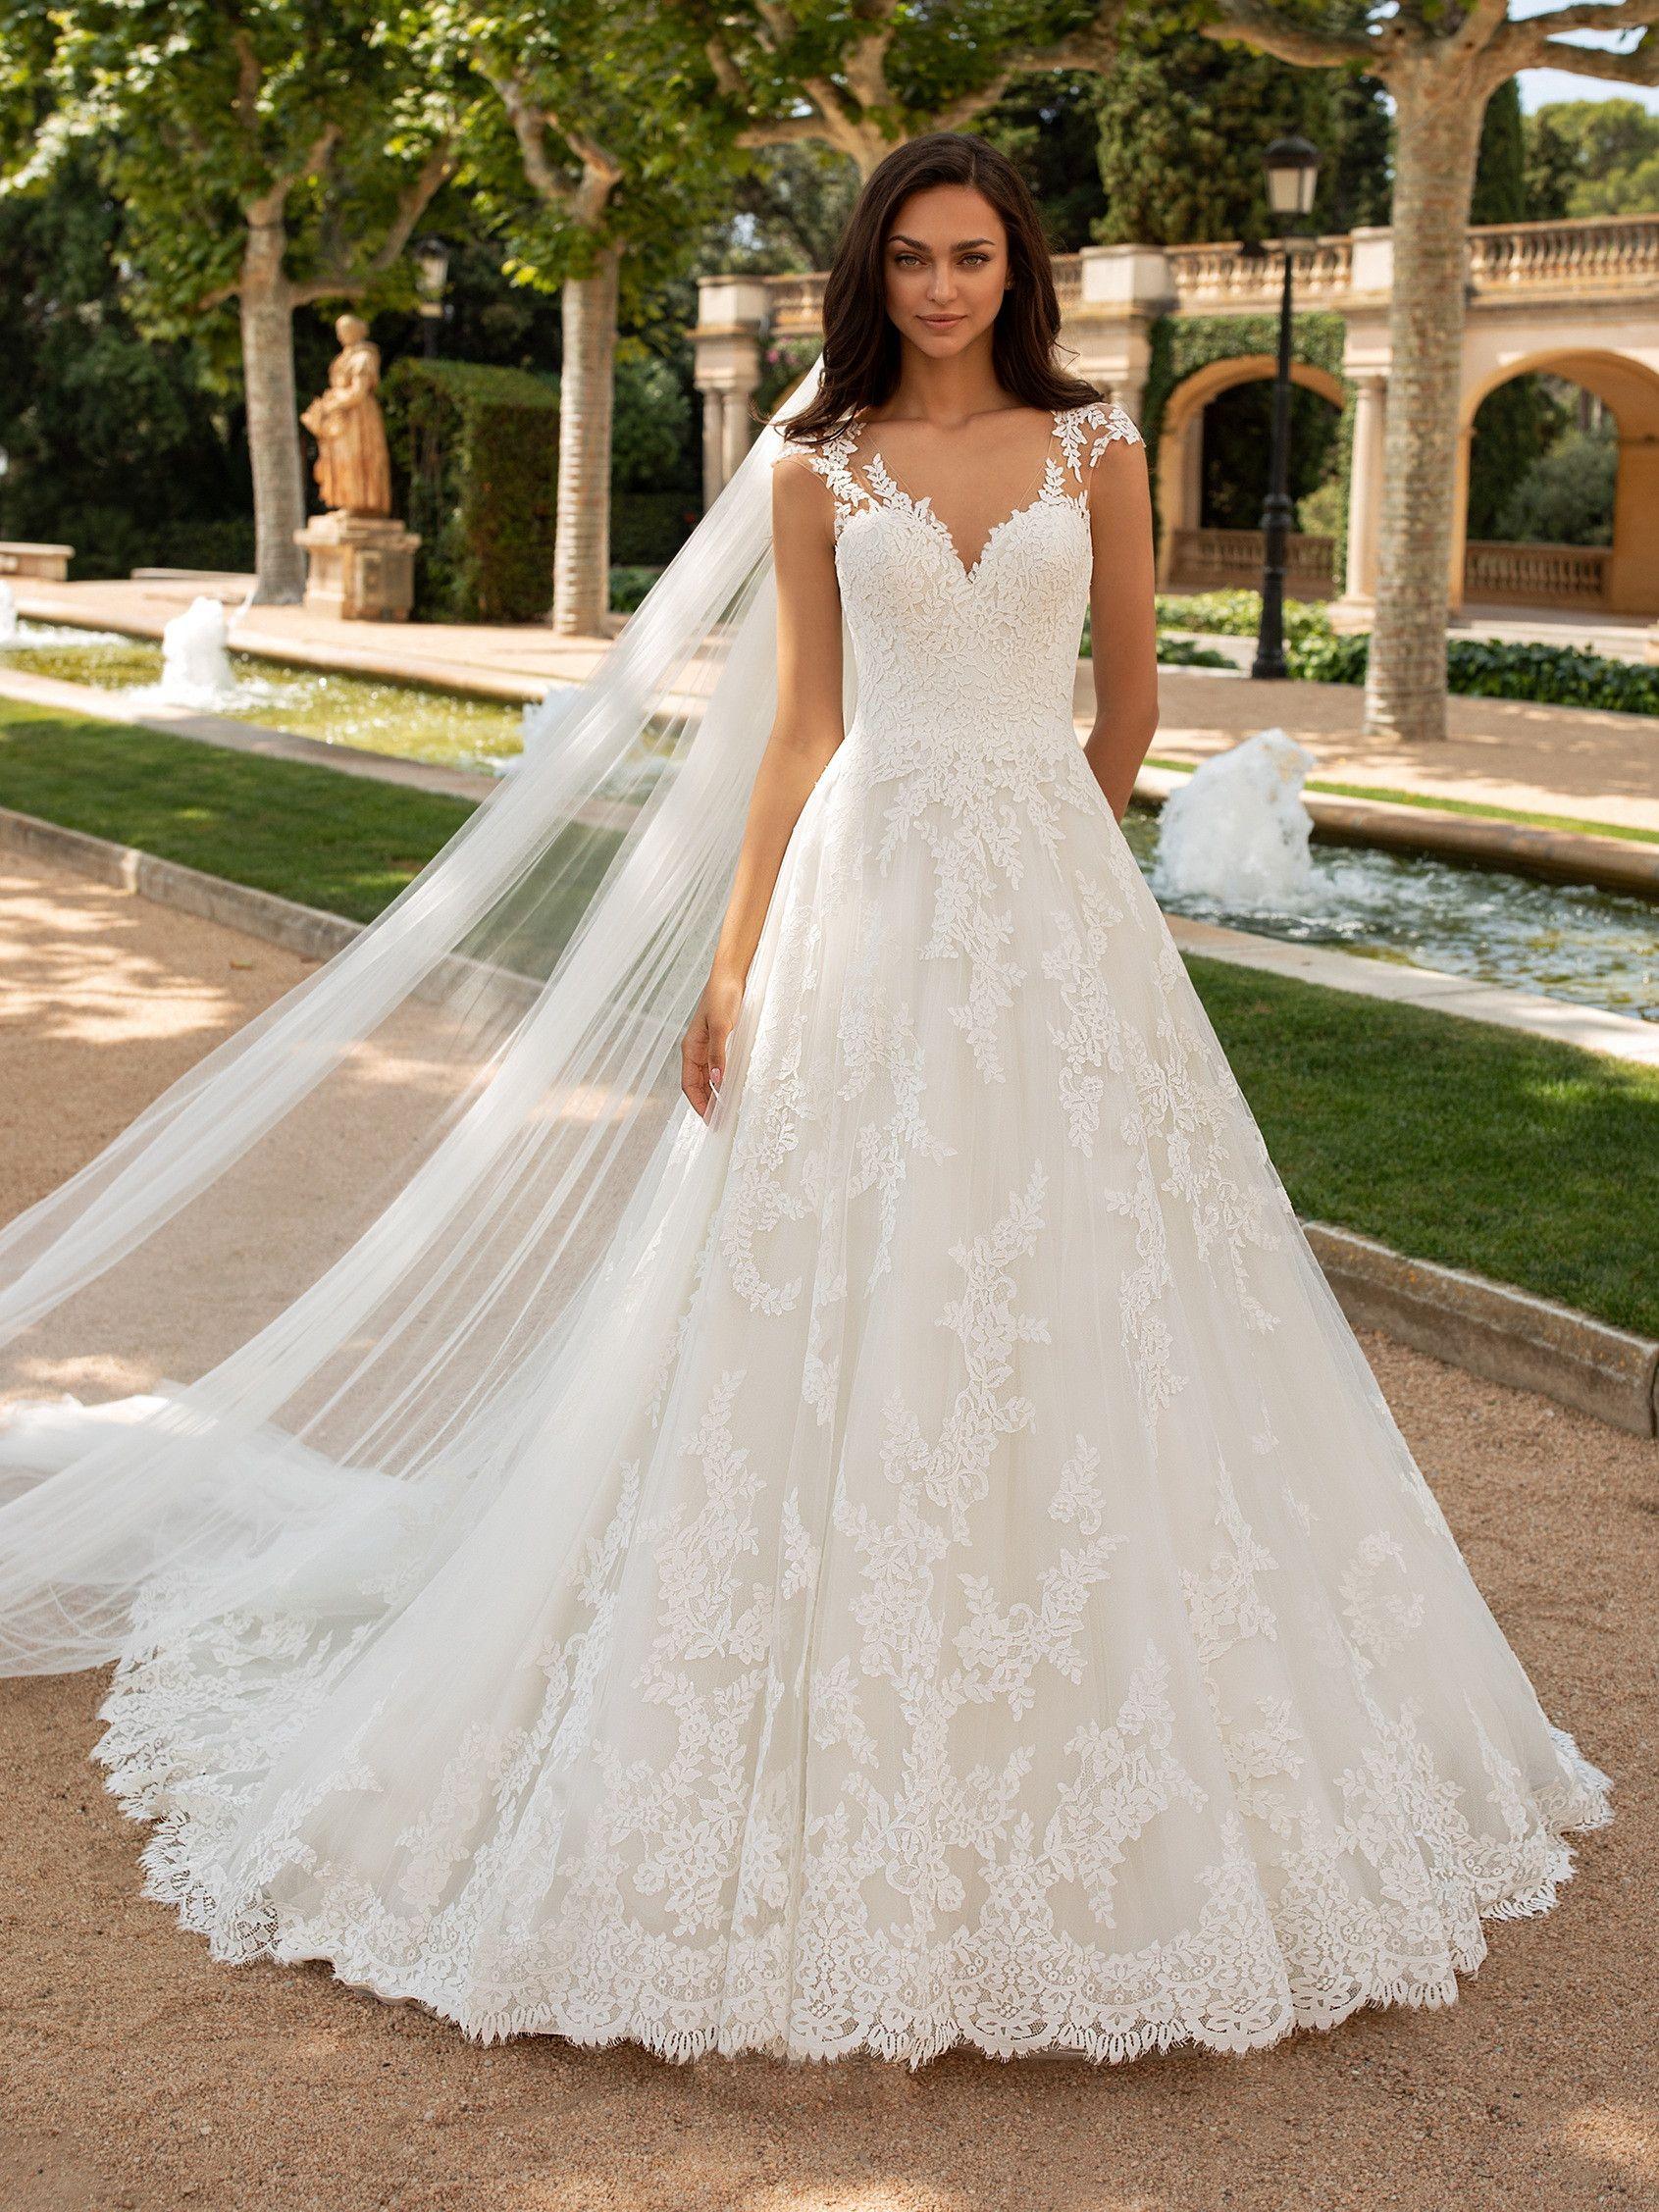 Charlote Vestidos De Noiva Pronovias Wedding Dress Short Sleeve Wedding Dress Short Wedding Dress [ 2255 x 1691 Pixel ]